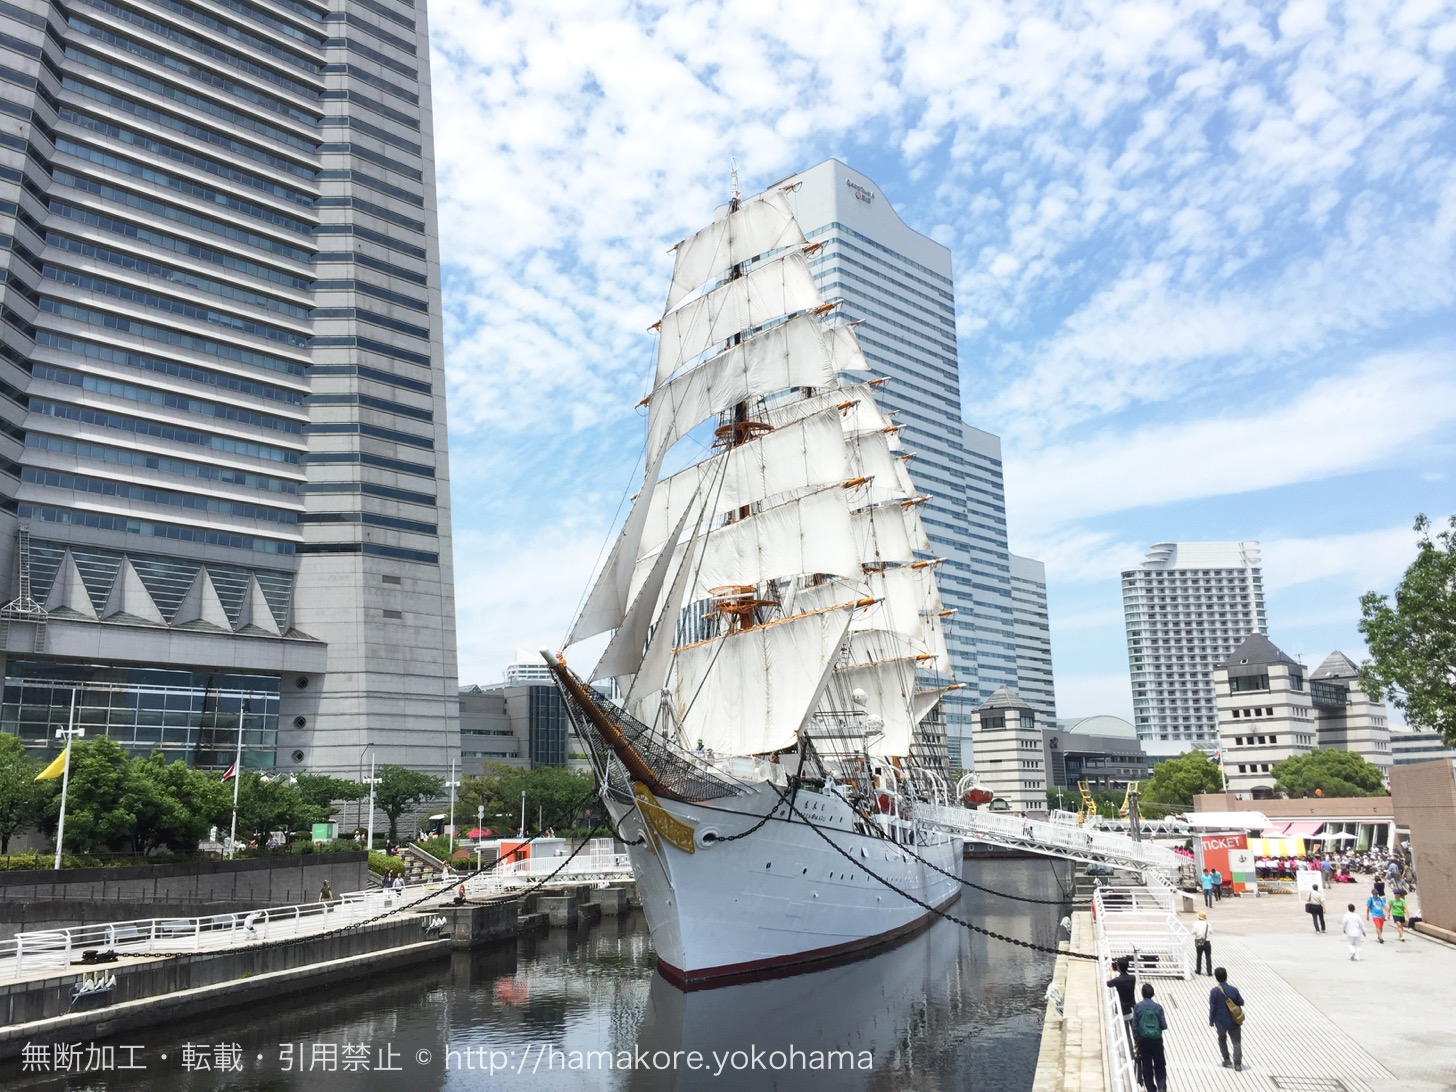 2017年7月17日に「日本丸」総帆展帆を実施!展帆・畳帆の時間について